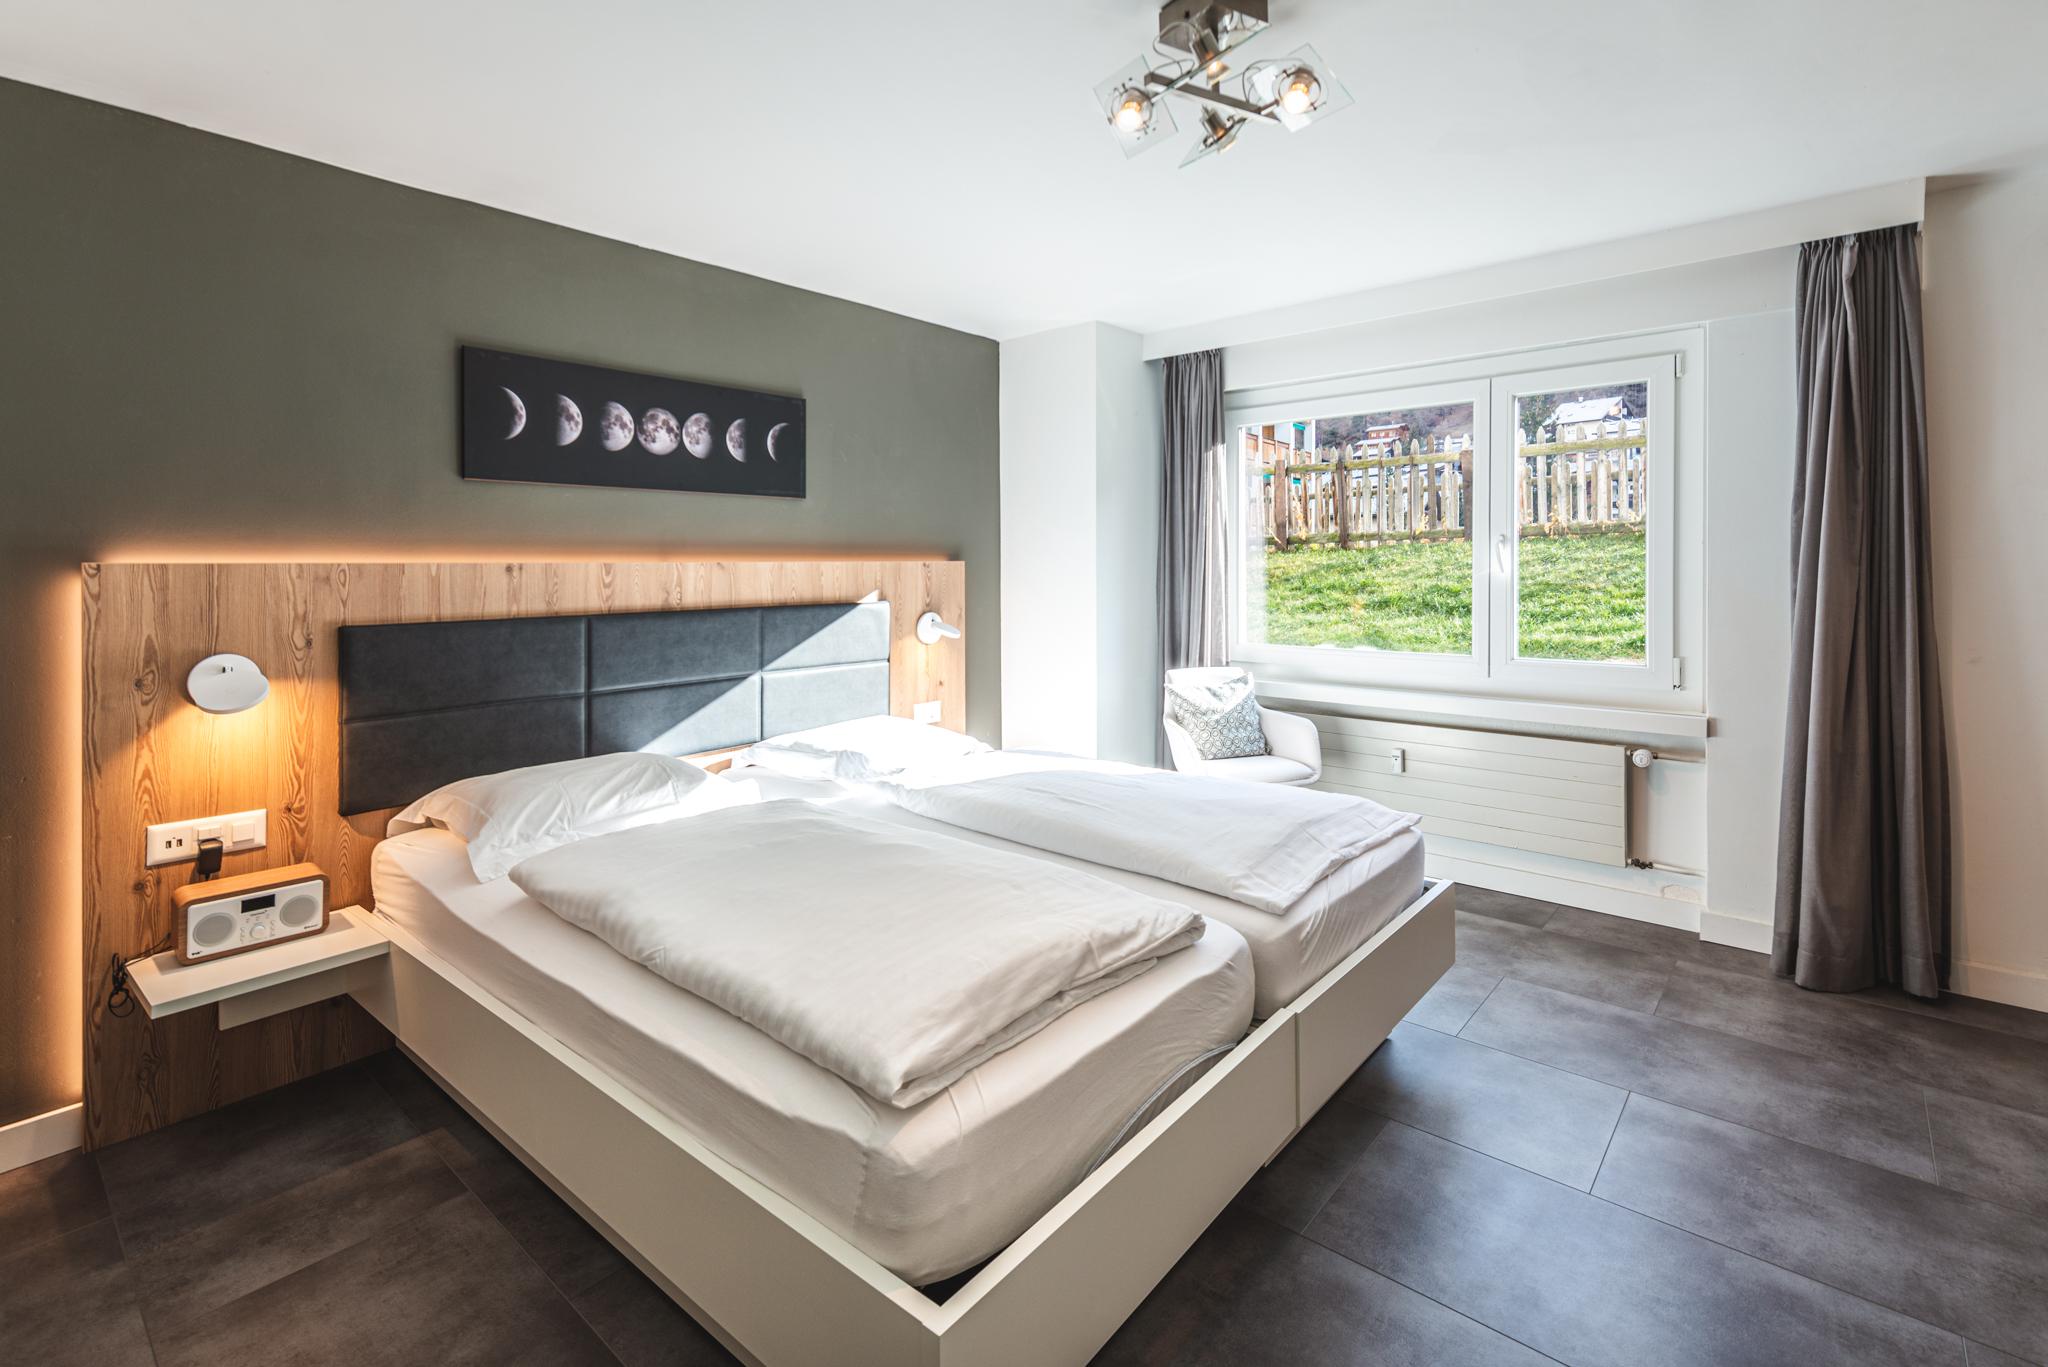 Haus Granit 3, 4 bedroom max. 8 pers, with garden.